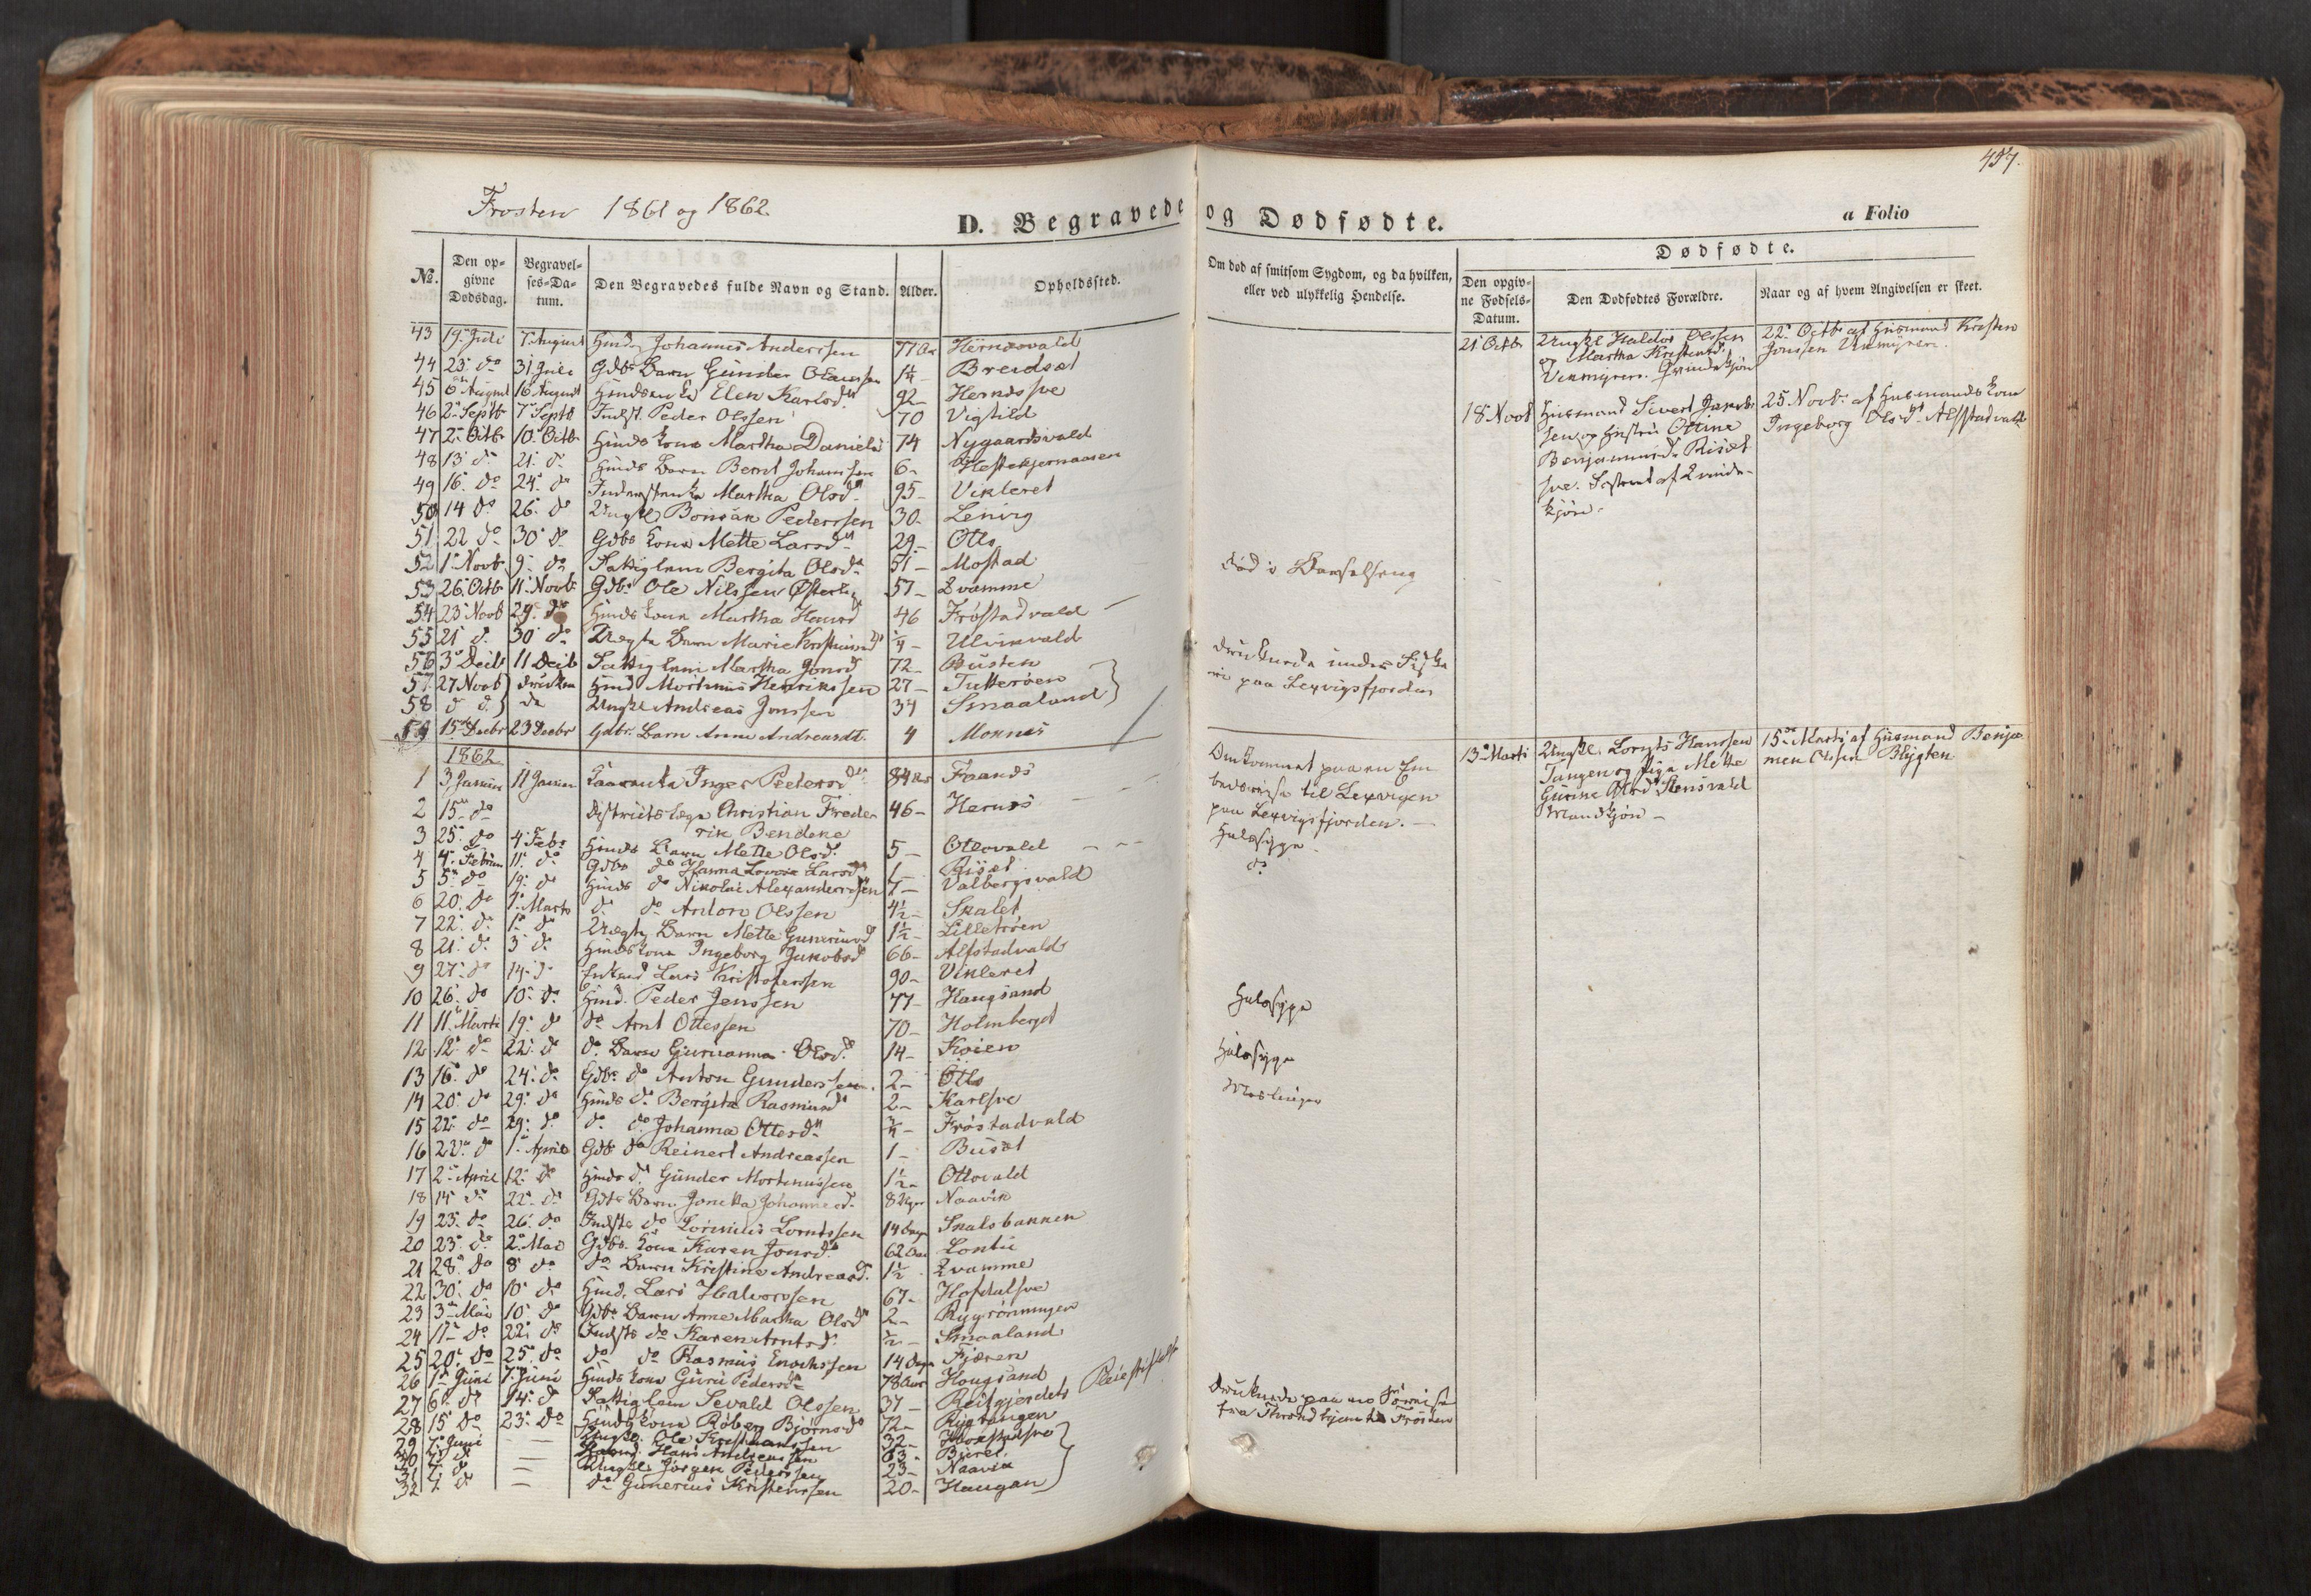 SAT, Ministerialprotokoller, klokkerbøker og fødselsregistre - Nord-Trøndelag, 713/L0116: Ministerialbok nr. 713A07, 1850-1877, s. 457